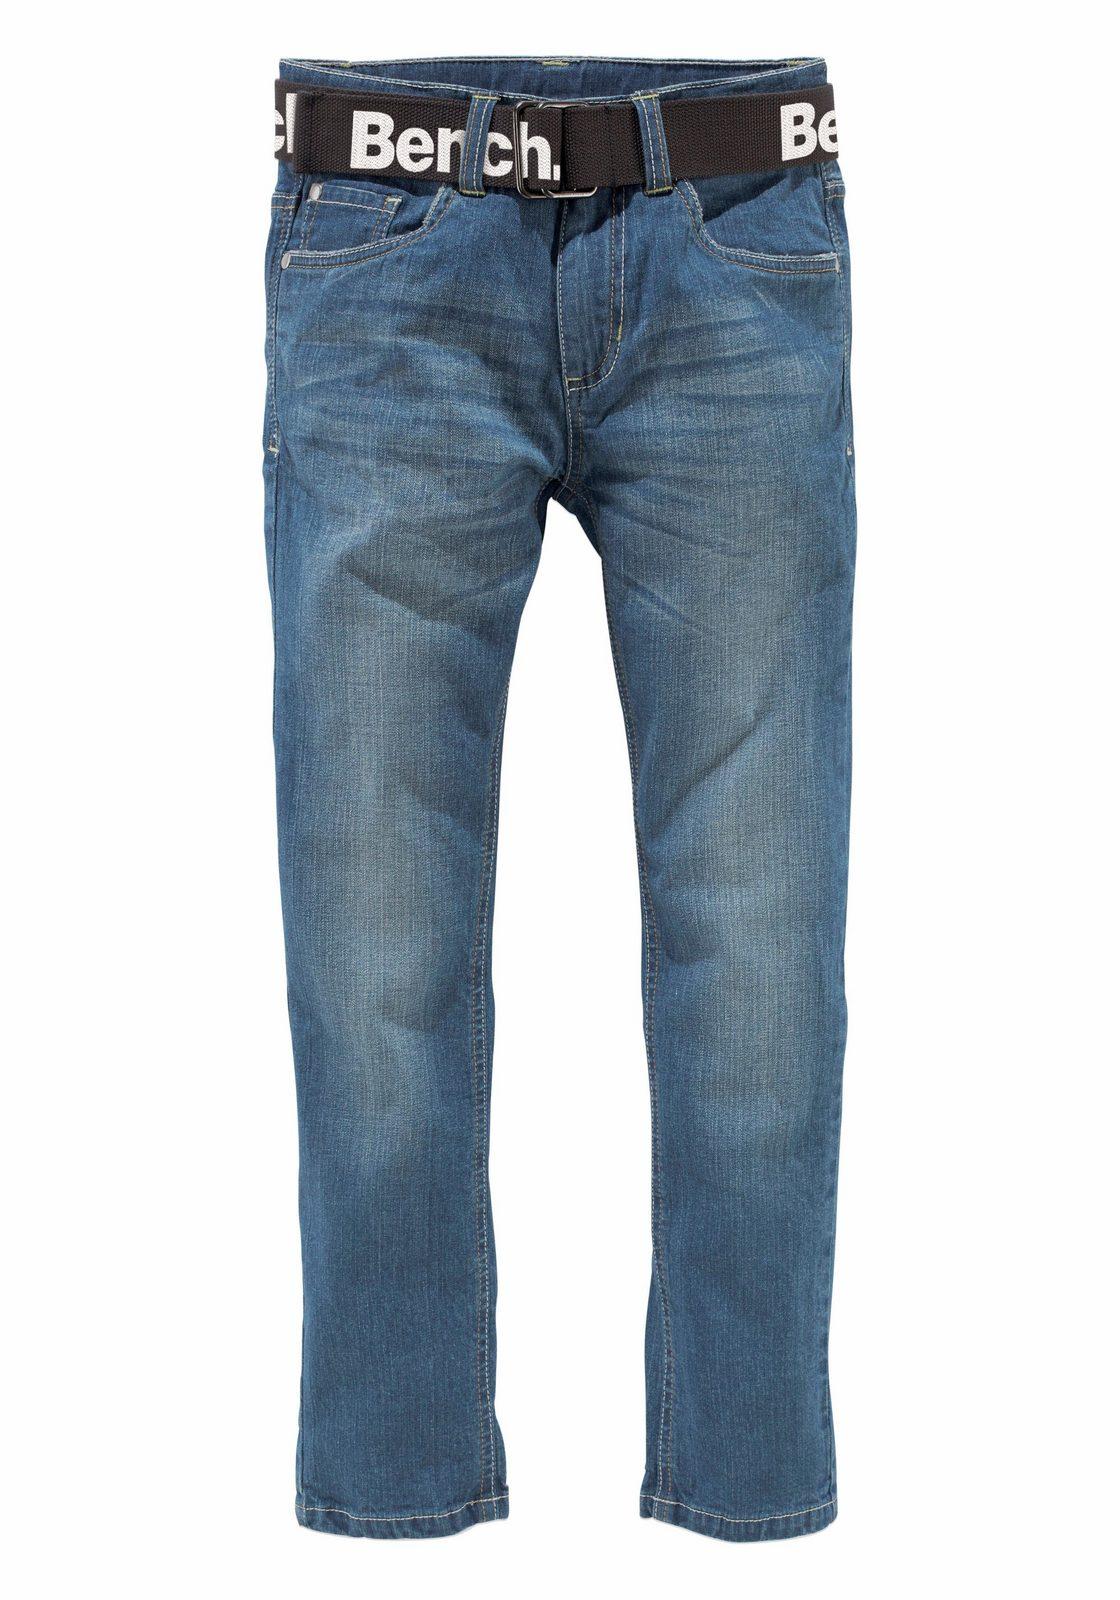 Bench. Stretch-Jeans (Set, mit Gürtel), in SLIM-Passform für schlanke Jungen, Textilgürtel großem Logodruck